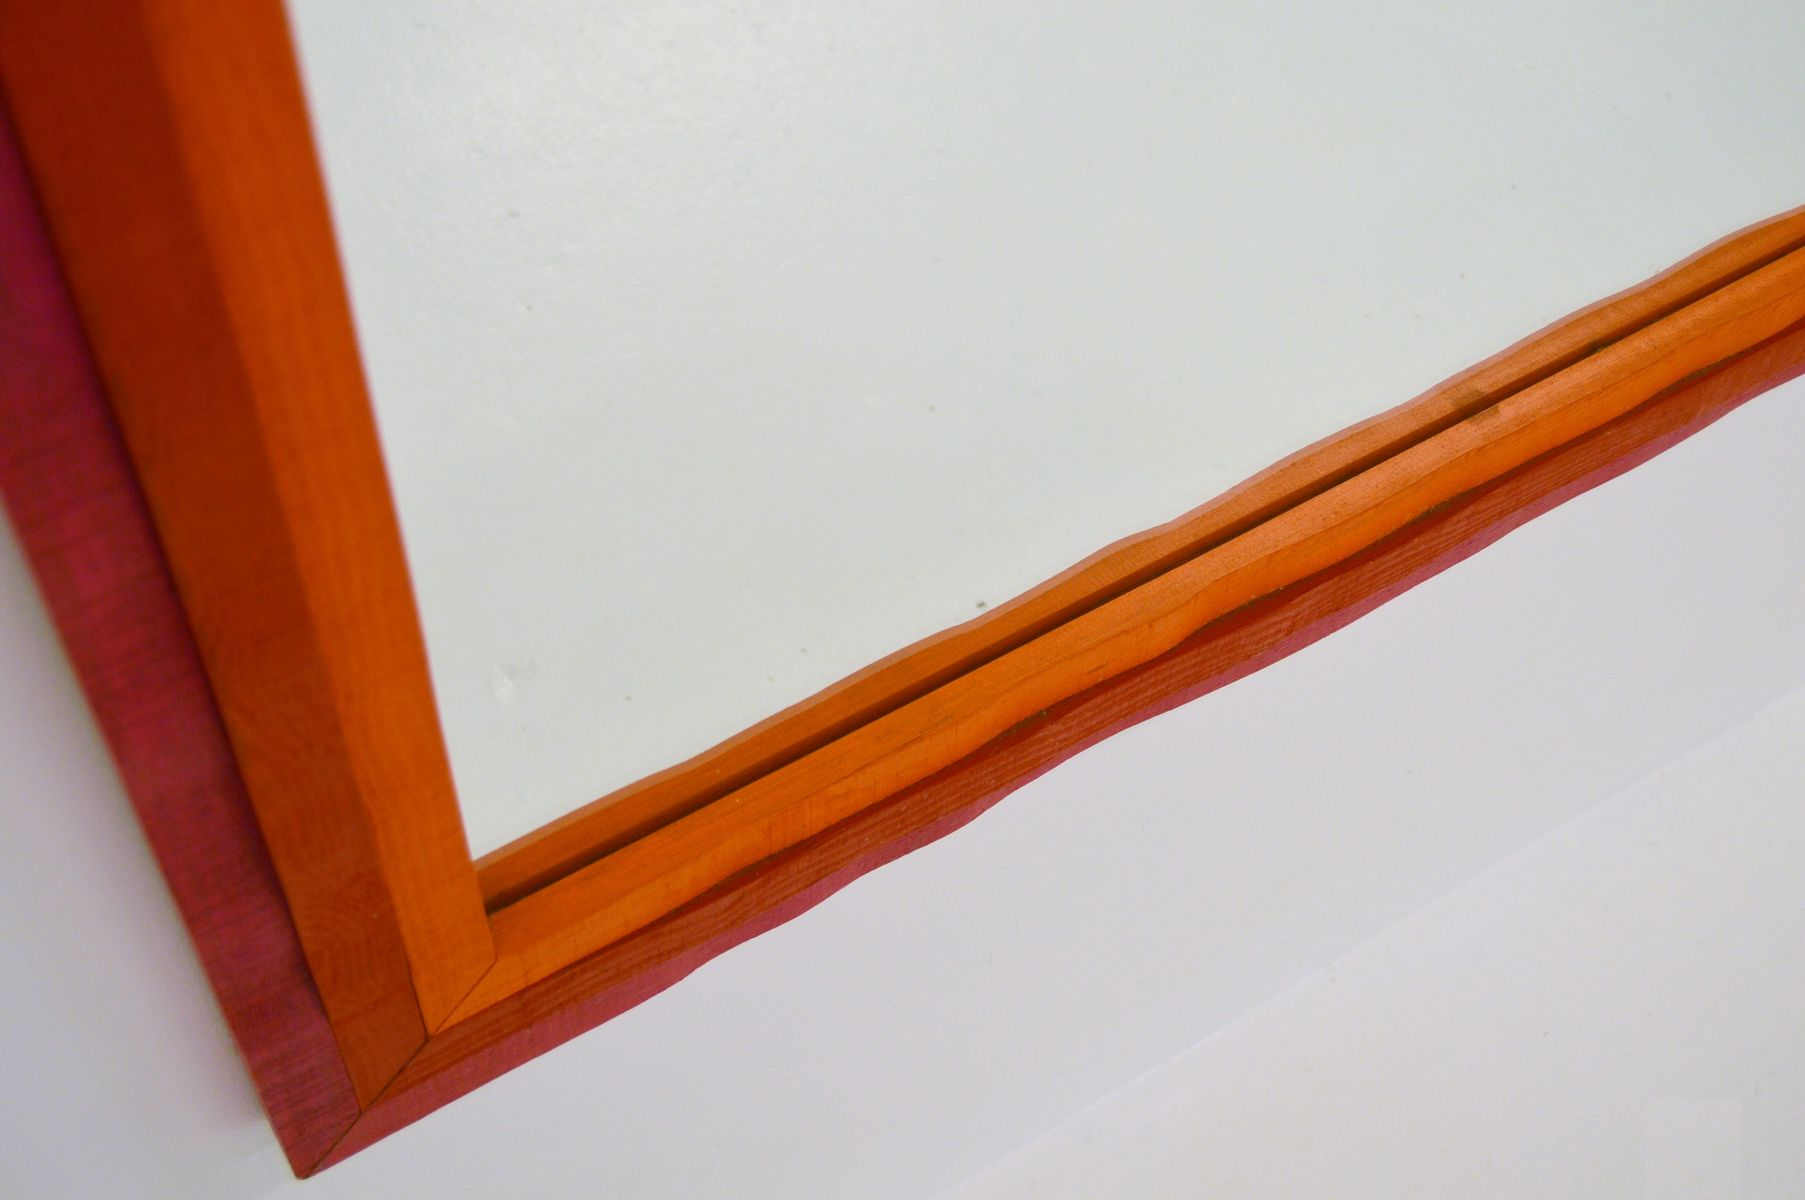 gro er spiegel von erik h glund f r eriksm laglas 1969. Black Bedroom Furniture Sets. Home Design Ideas